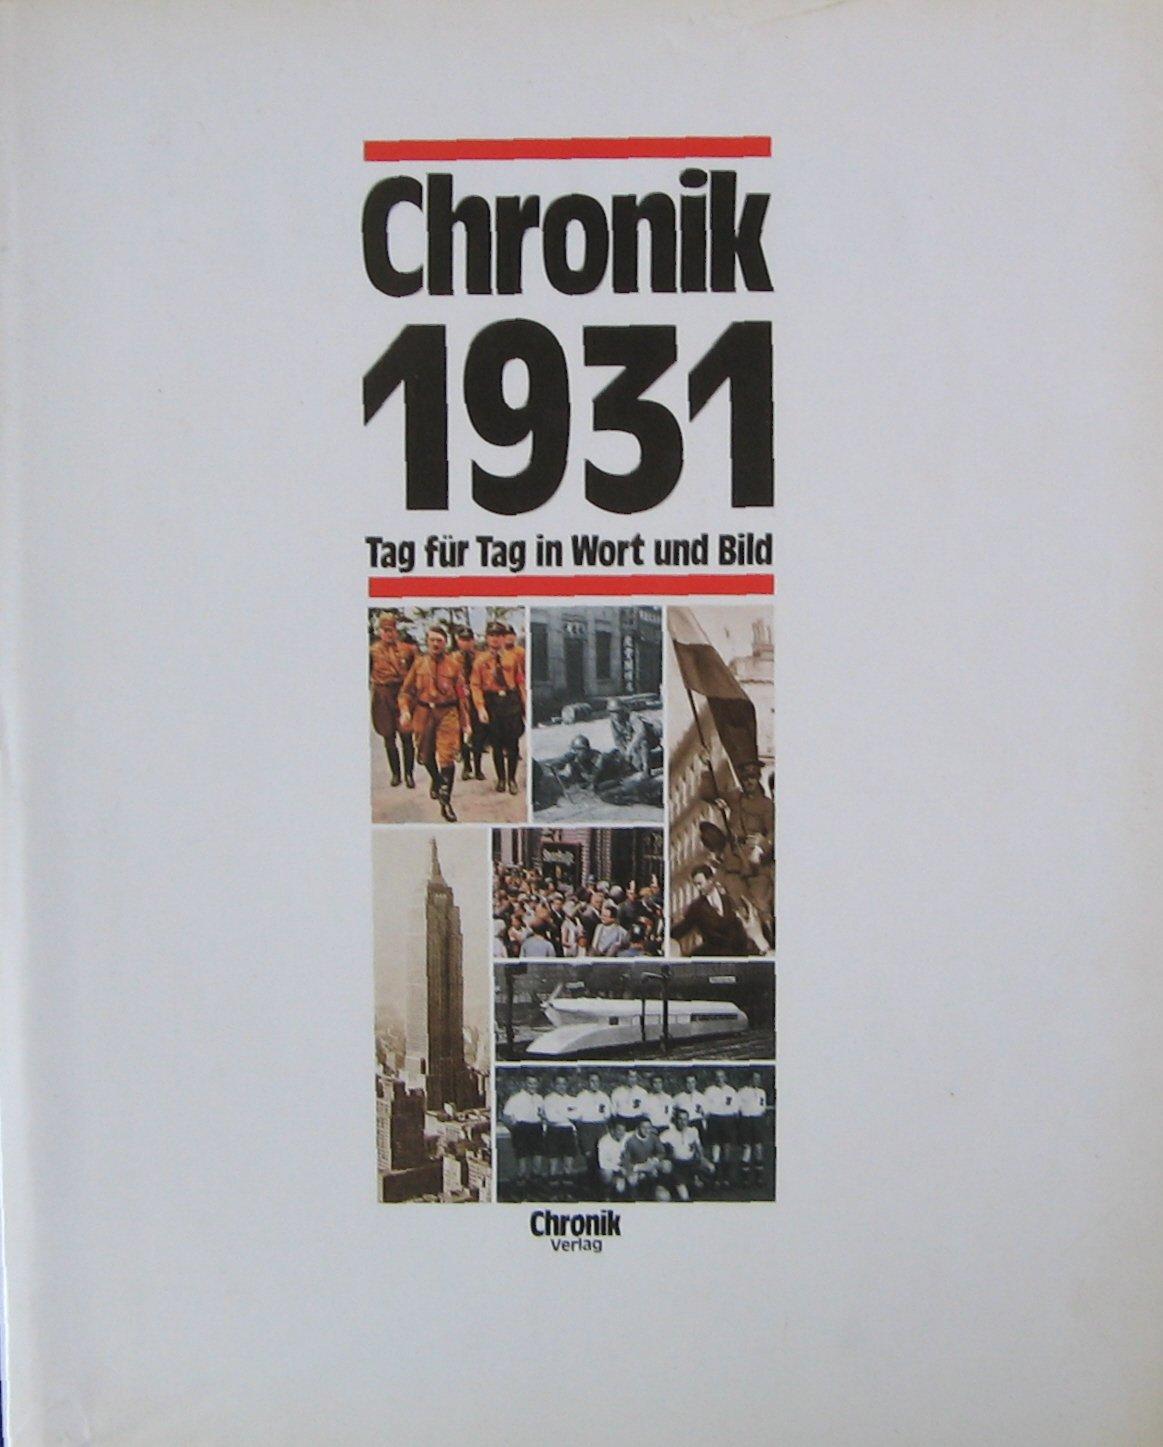 Chronik 1931 (Chronik / Bibliothek des 20. Jahrhunderts. Tag für Tag in Wort und Bild)